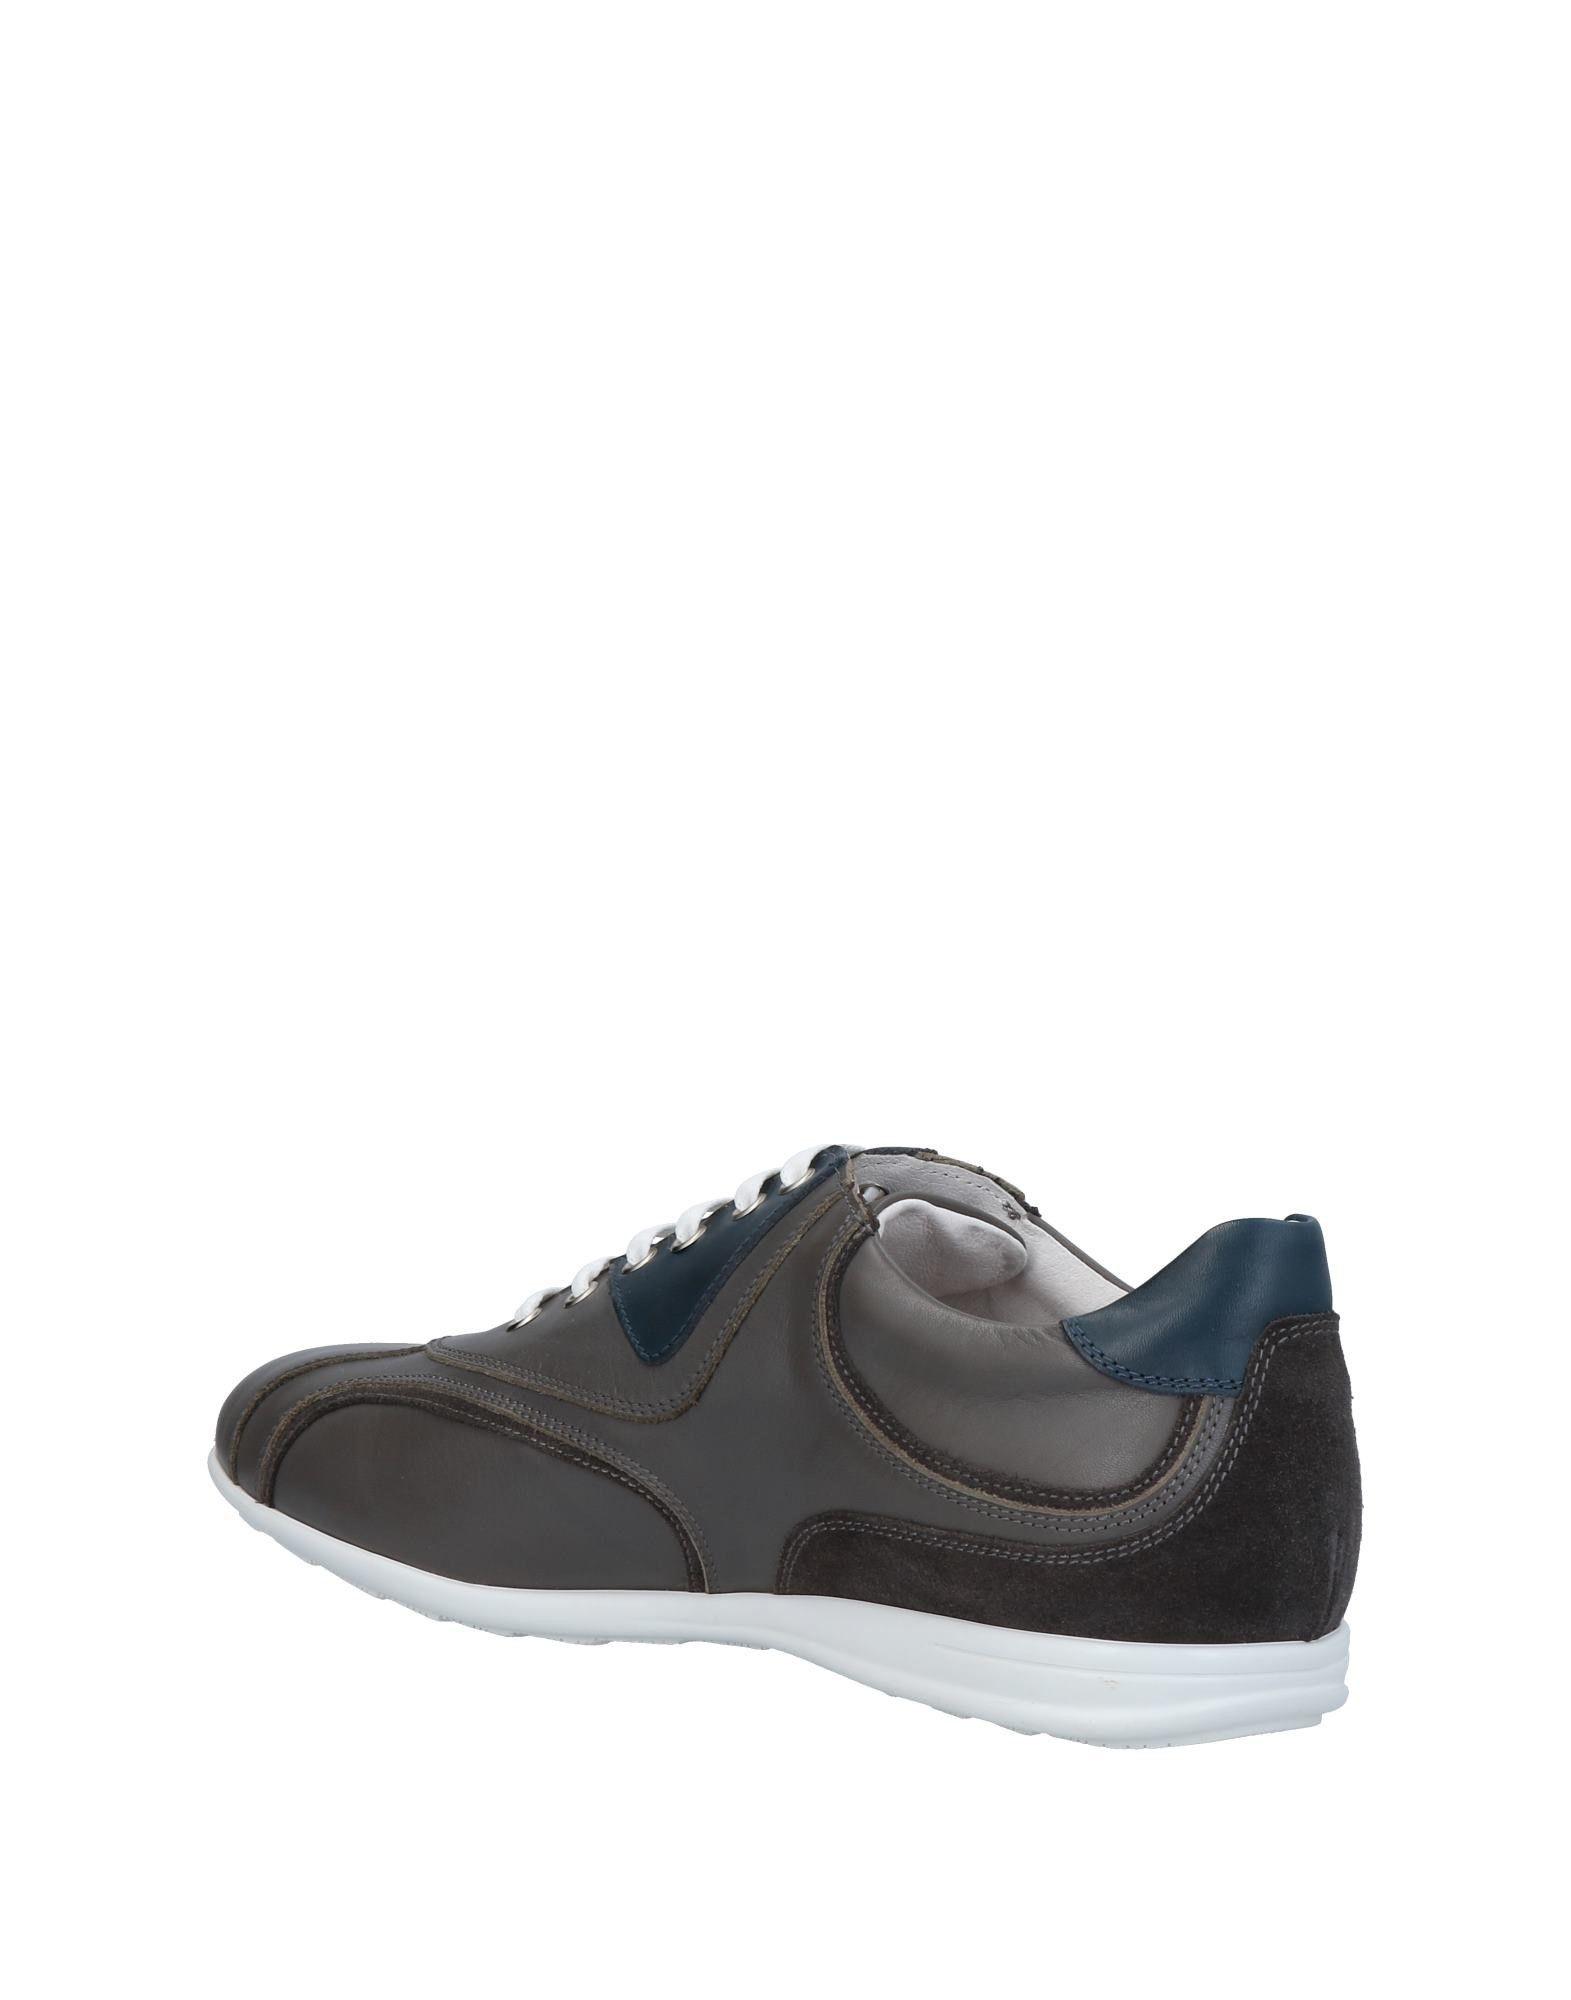 Gianfranco Lattanzi Herren Sneakers Herren Lattanzi  11430150JA 3fb0ac